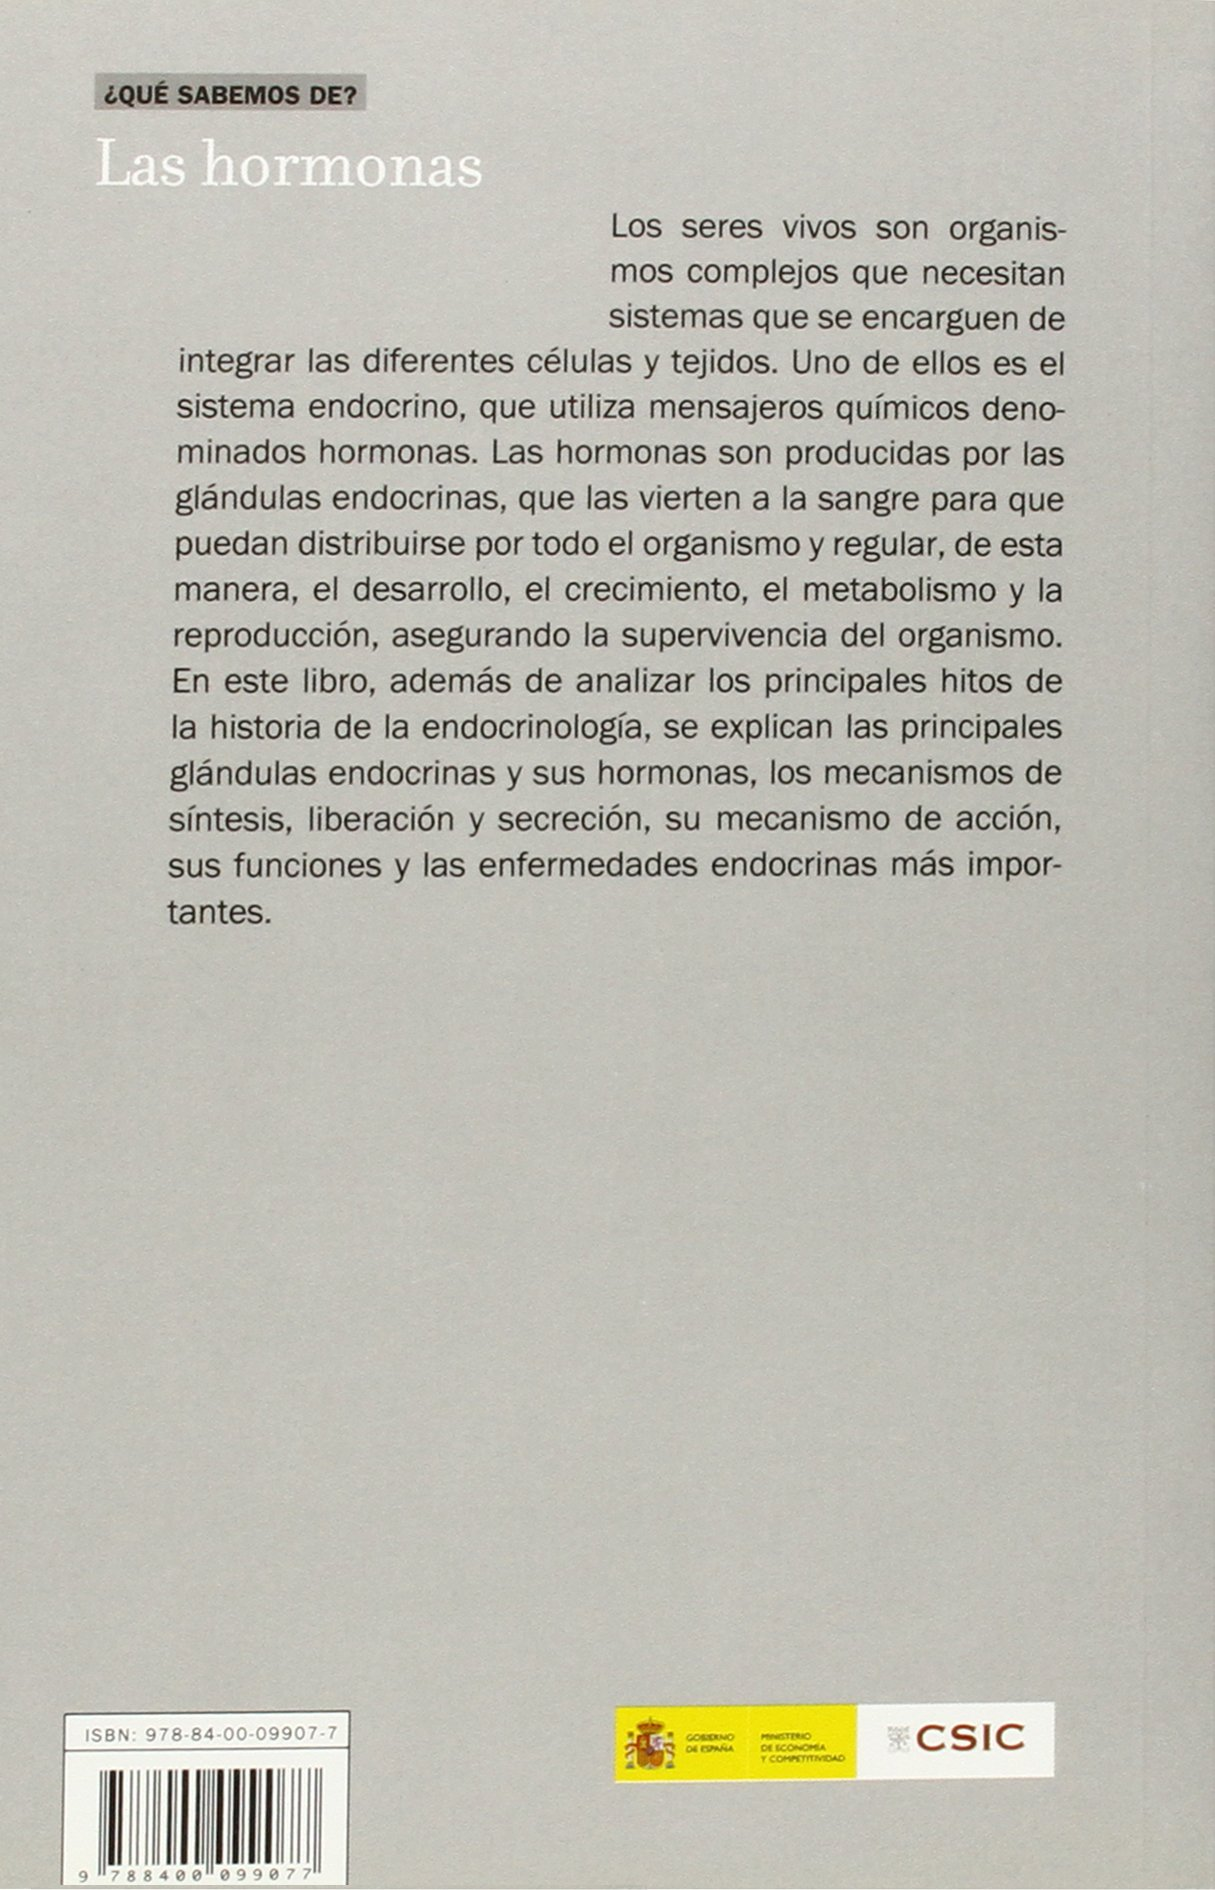 Las hormonas: 60 (¿Qué sabemos de?): Amazon.es: Ana María ...